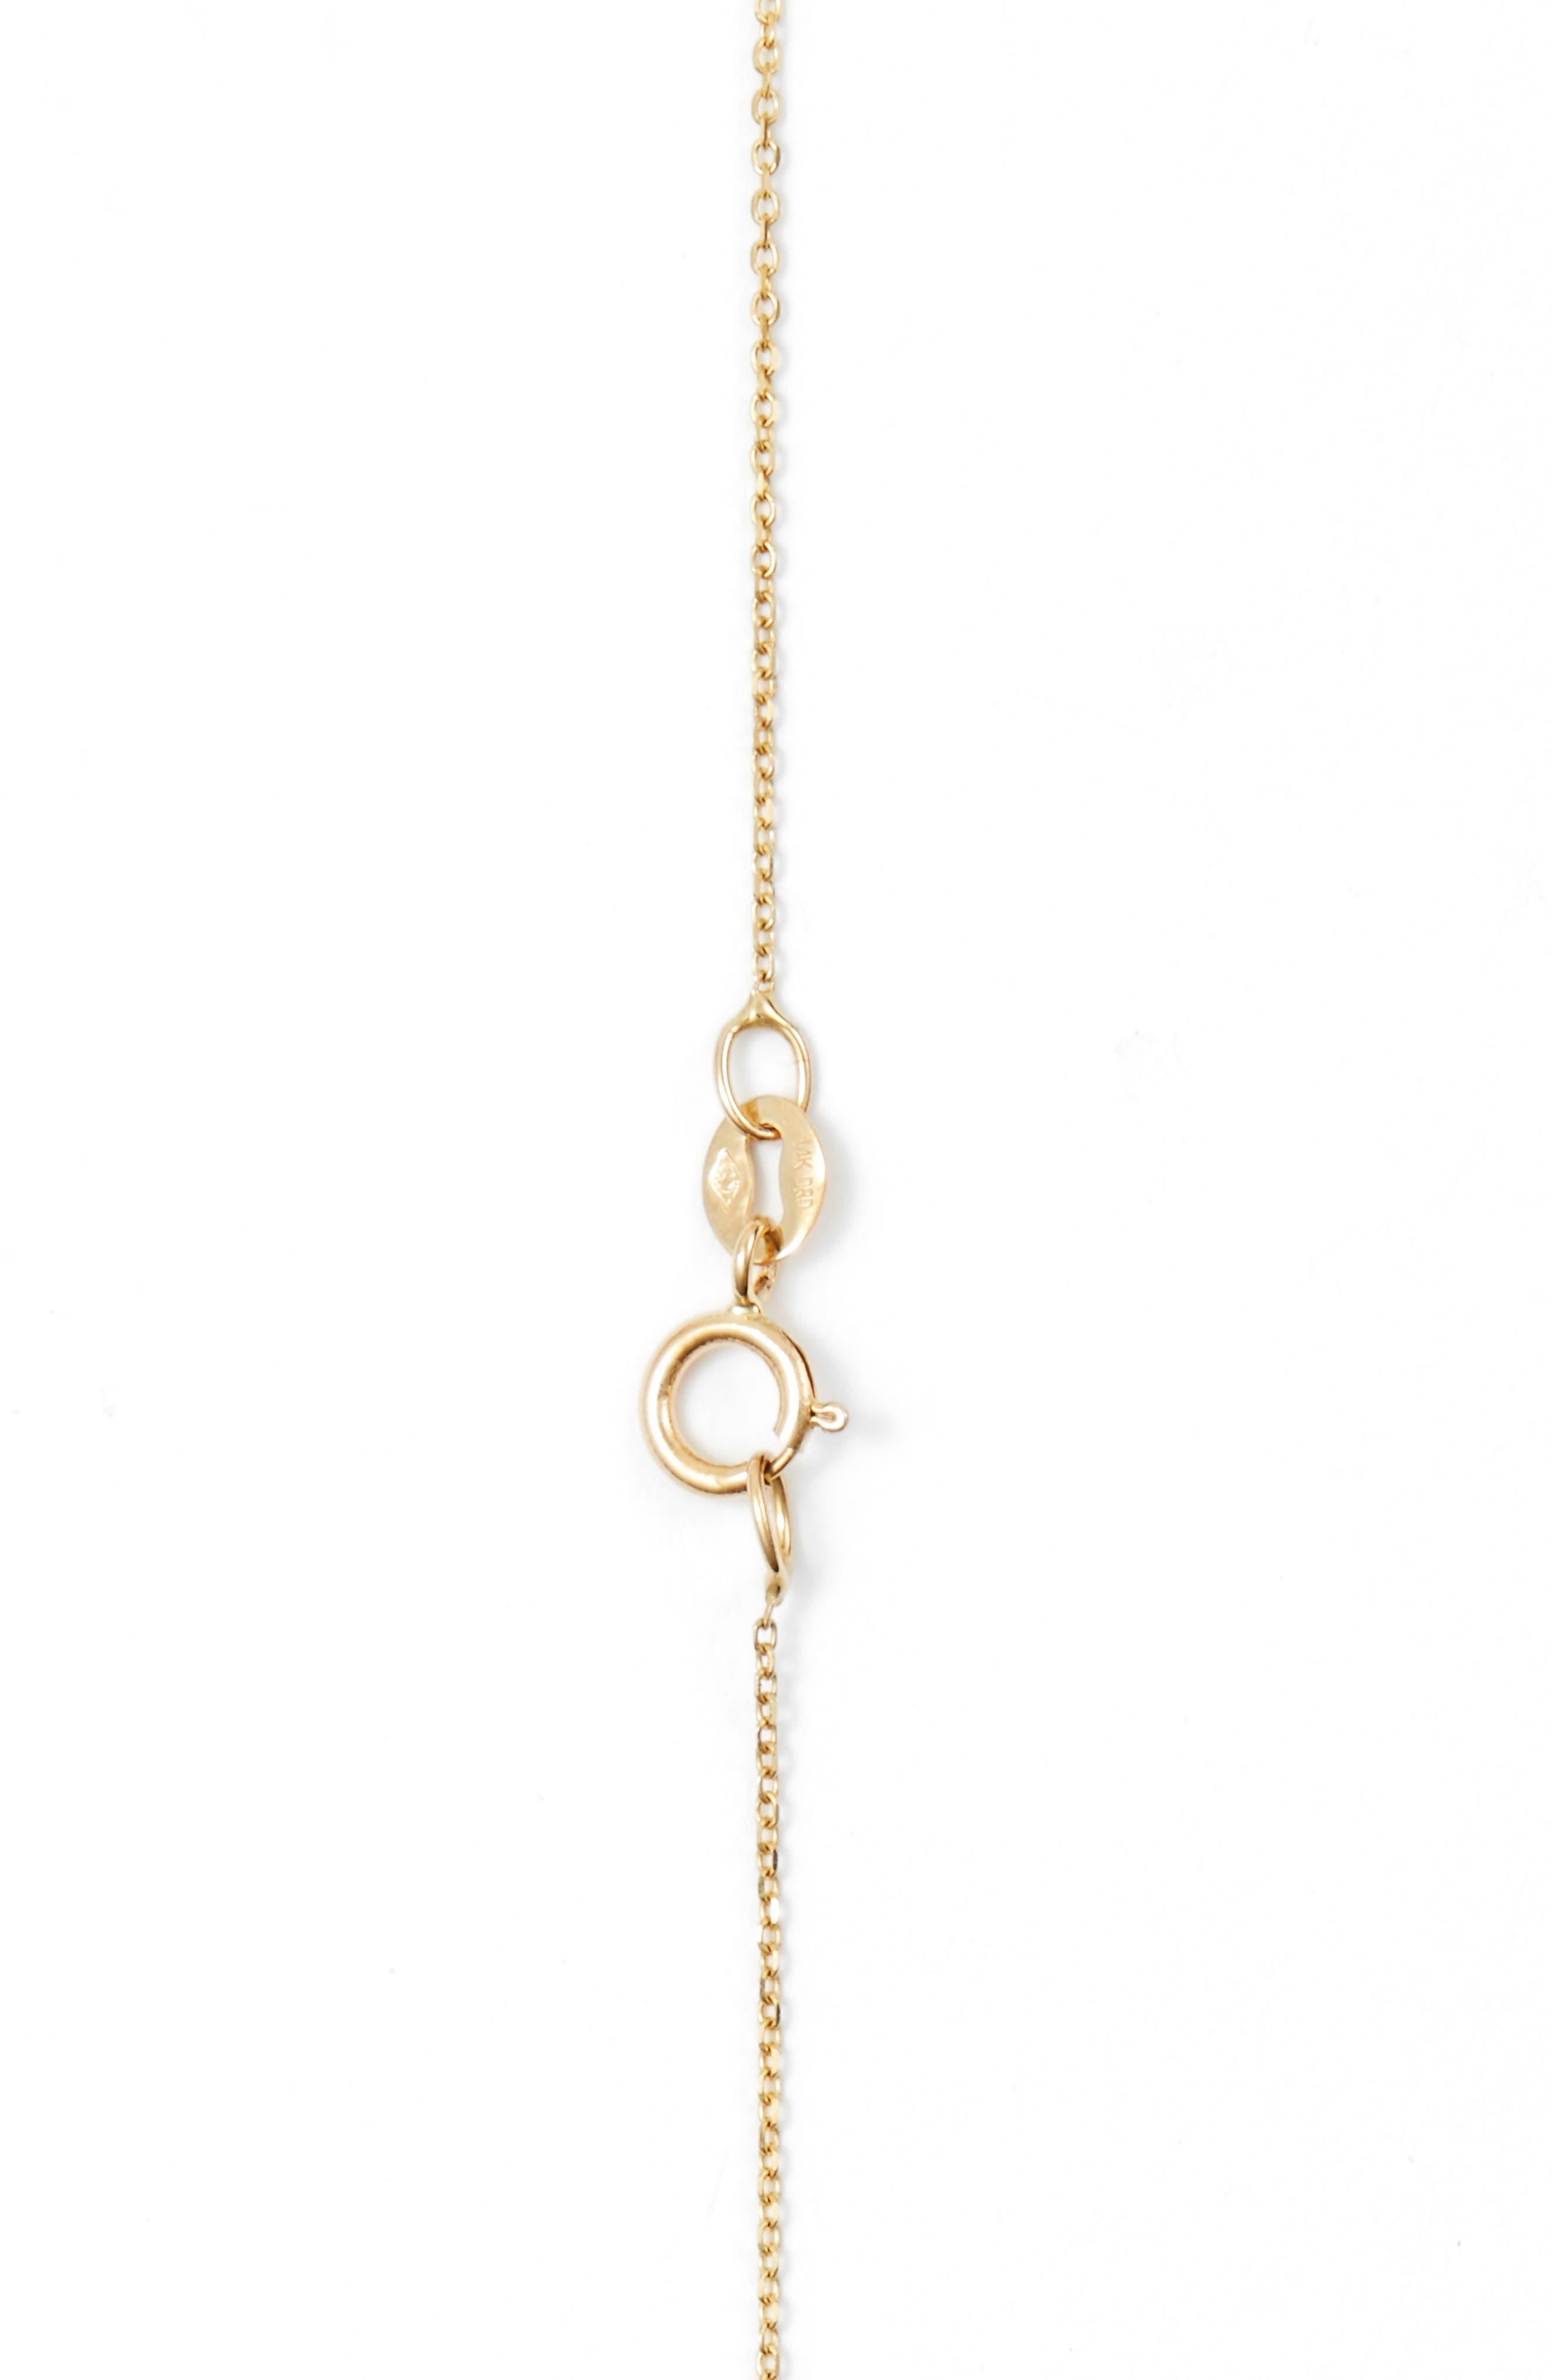 'Lauren Joy' Diamond Disc Pendant Necklace,                             Alternate thumbnail 3, color,                             YELLOW GOLD